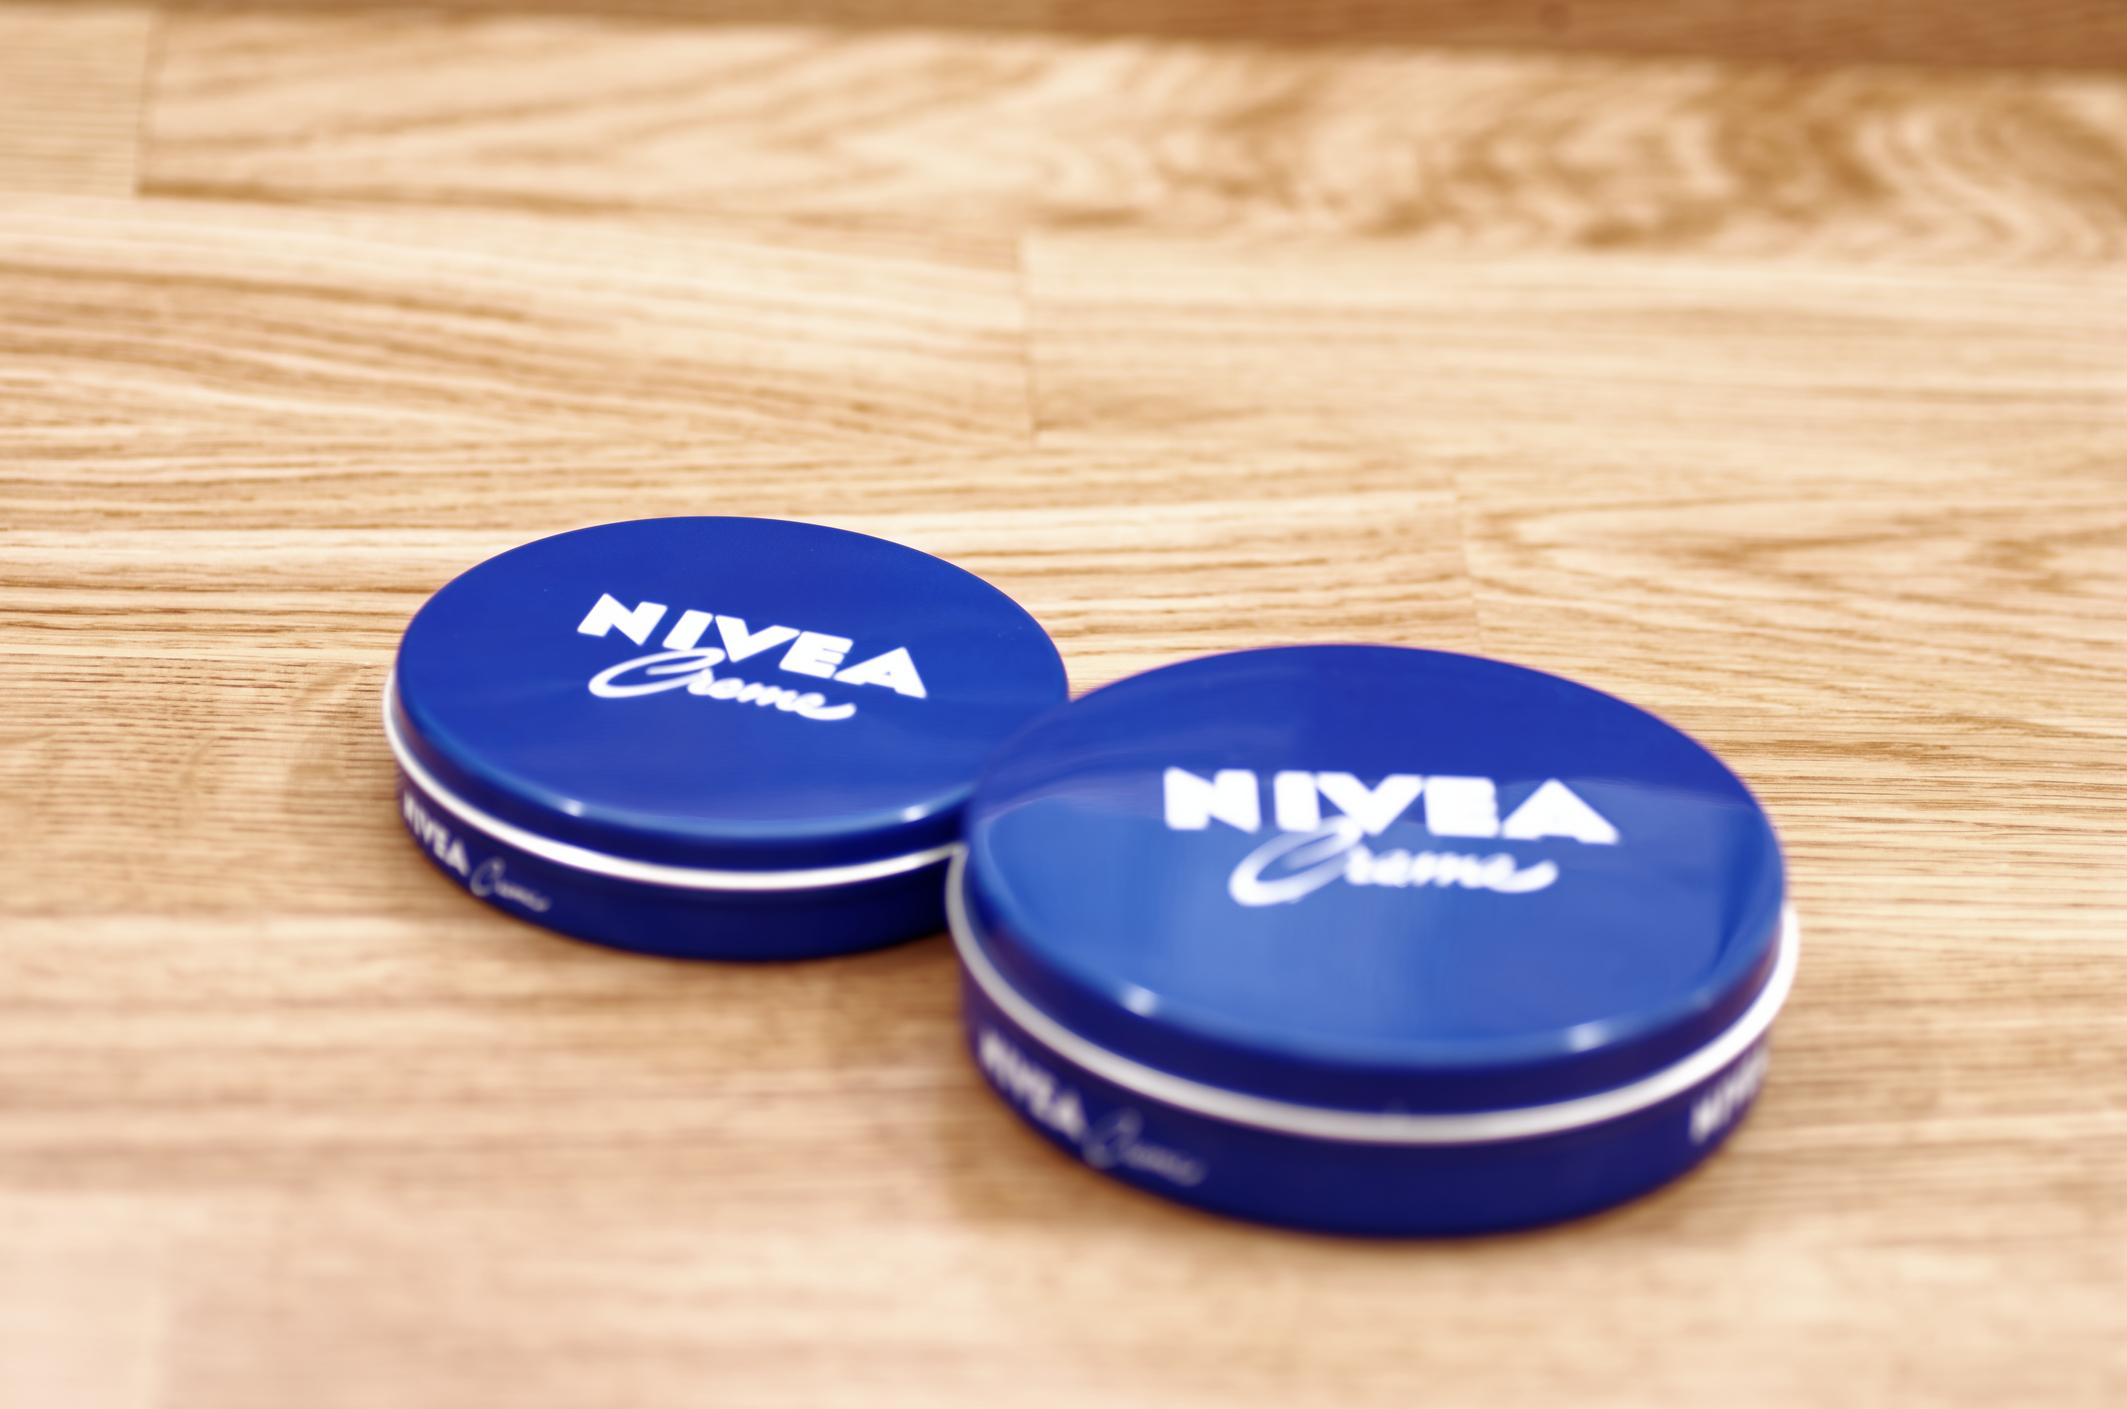 Nivea krém kék edényben vélemények a pikkelysömörről pikkelysmr kezels fórum 2020